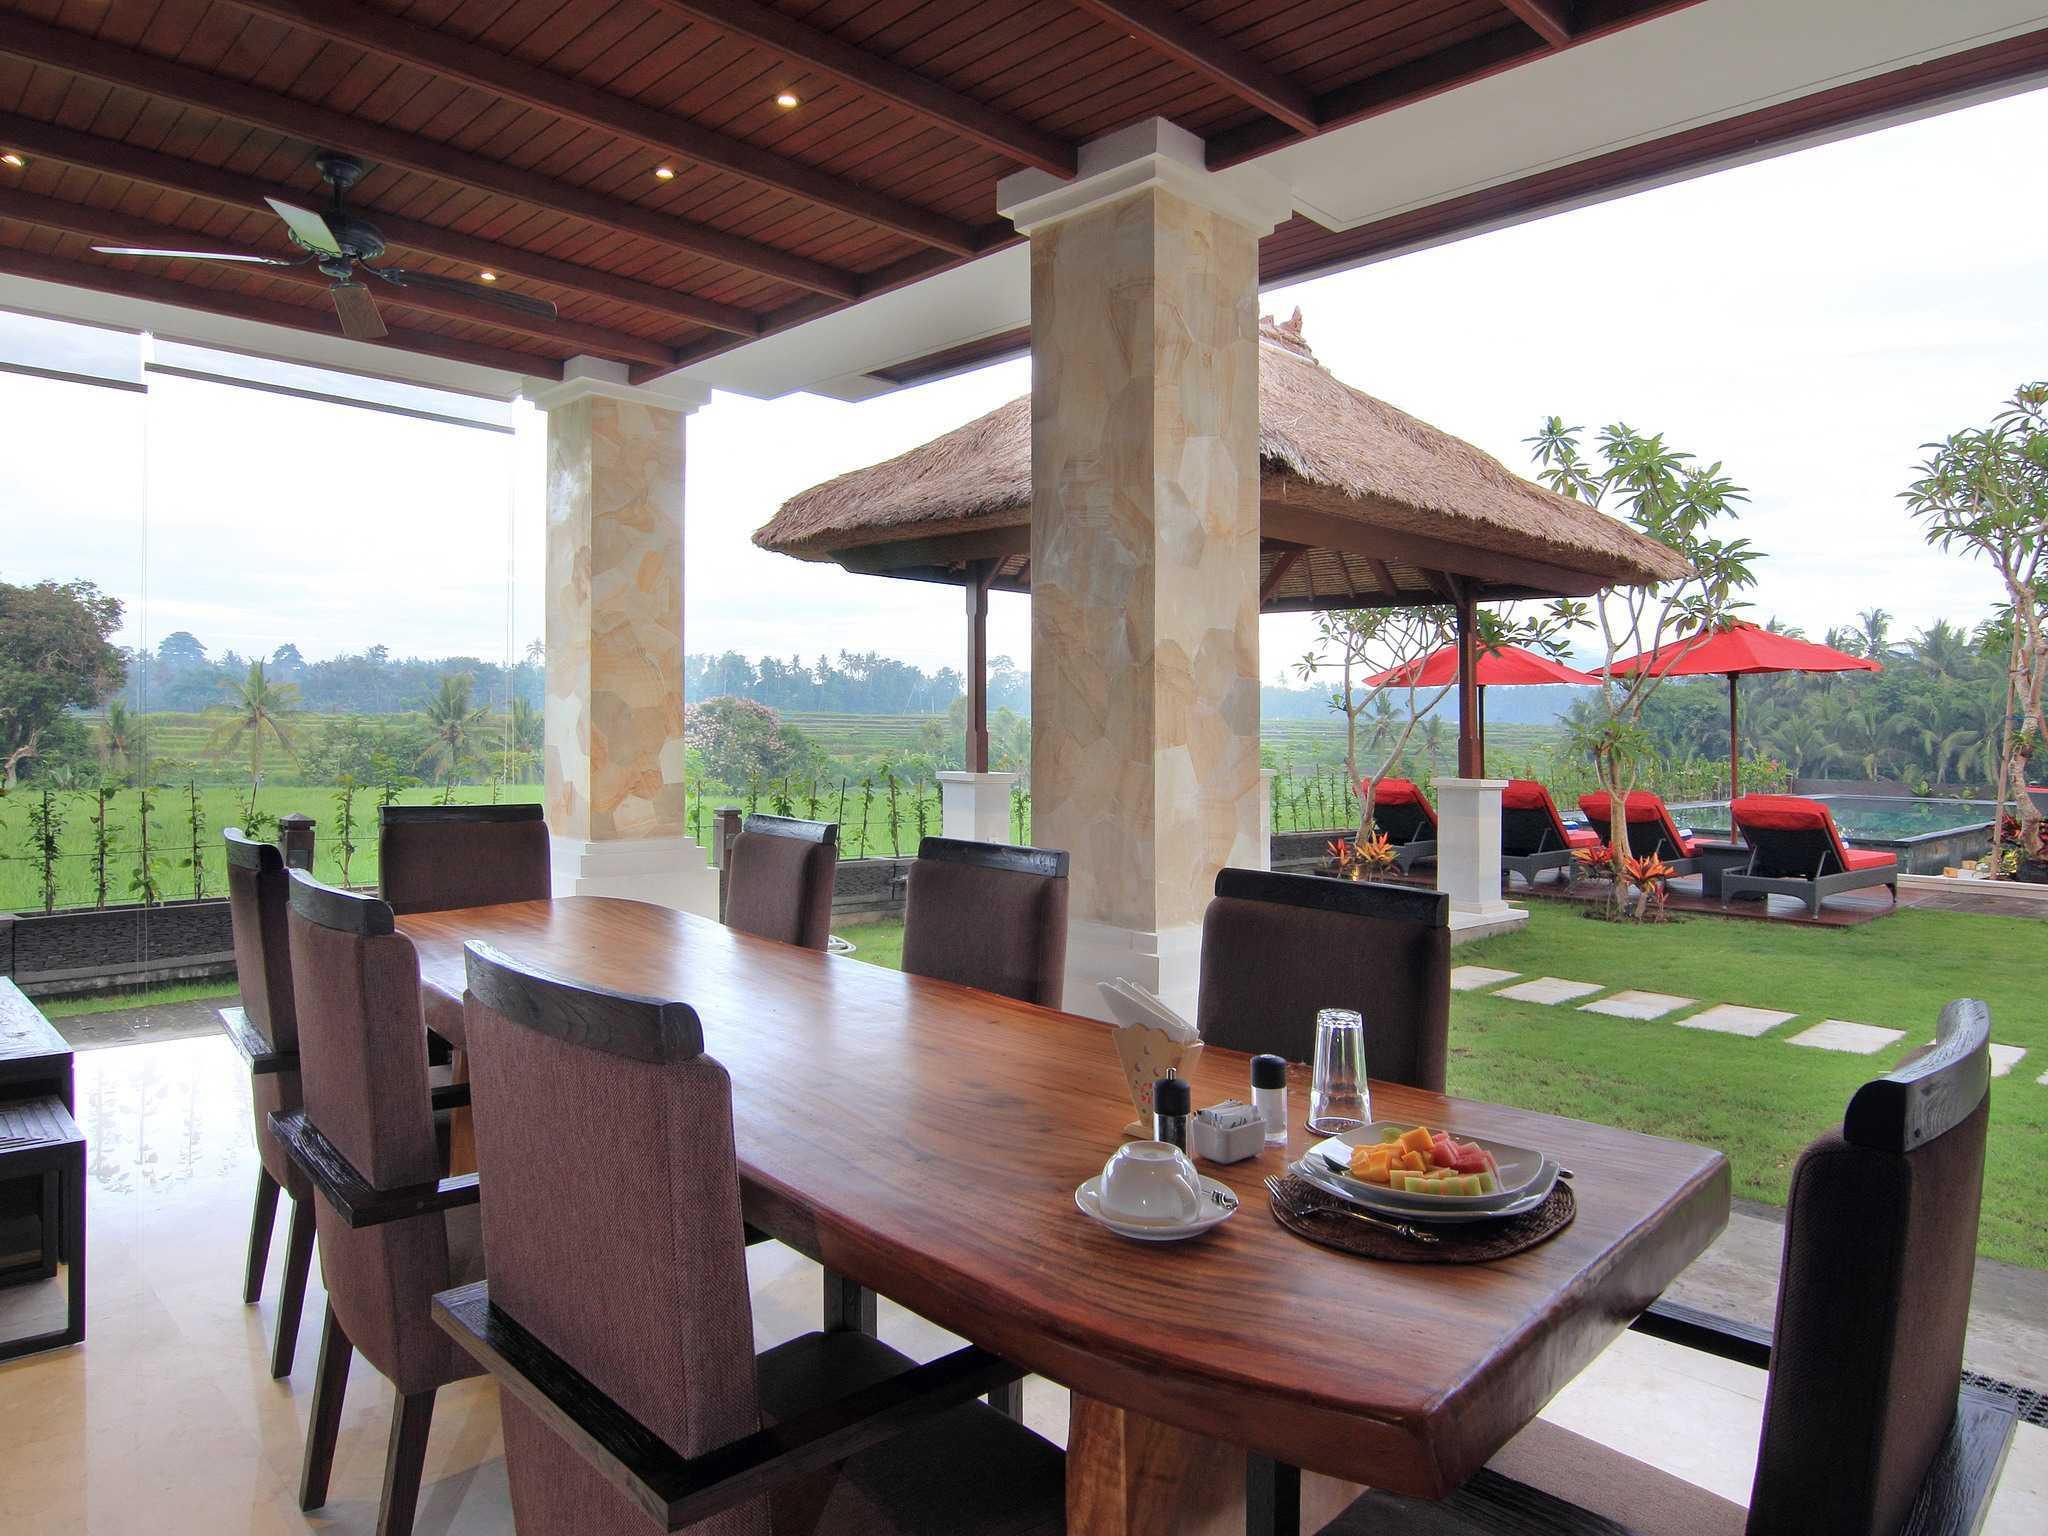 Made Dharmendra Architect Villa Umastana Ubud, Kabupaten Gianyar, Bali, Indonesia Ubud, Kabupaten Gianyar, Bali, Indonesia Dining Area Tropis  49293